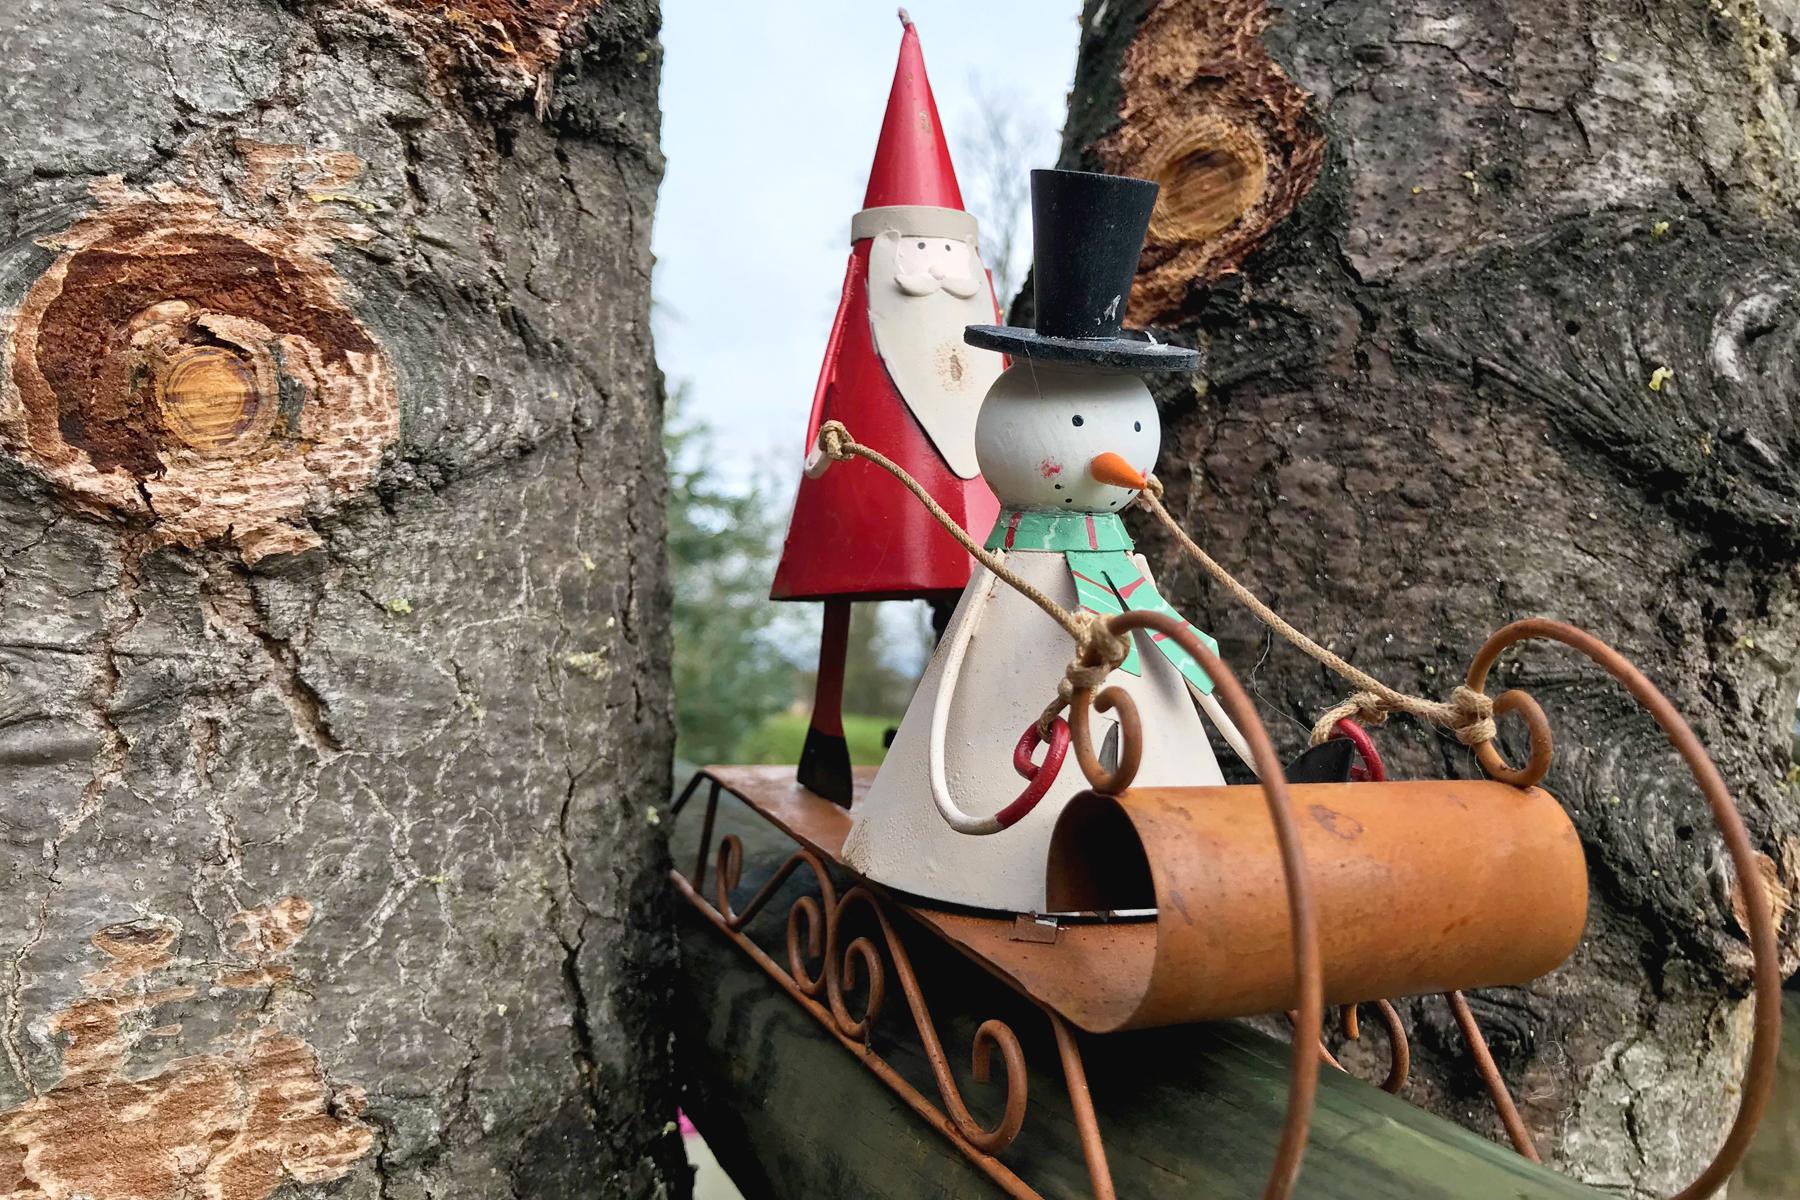 Playlist de Noël, Santa et Snowman sur une luge